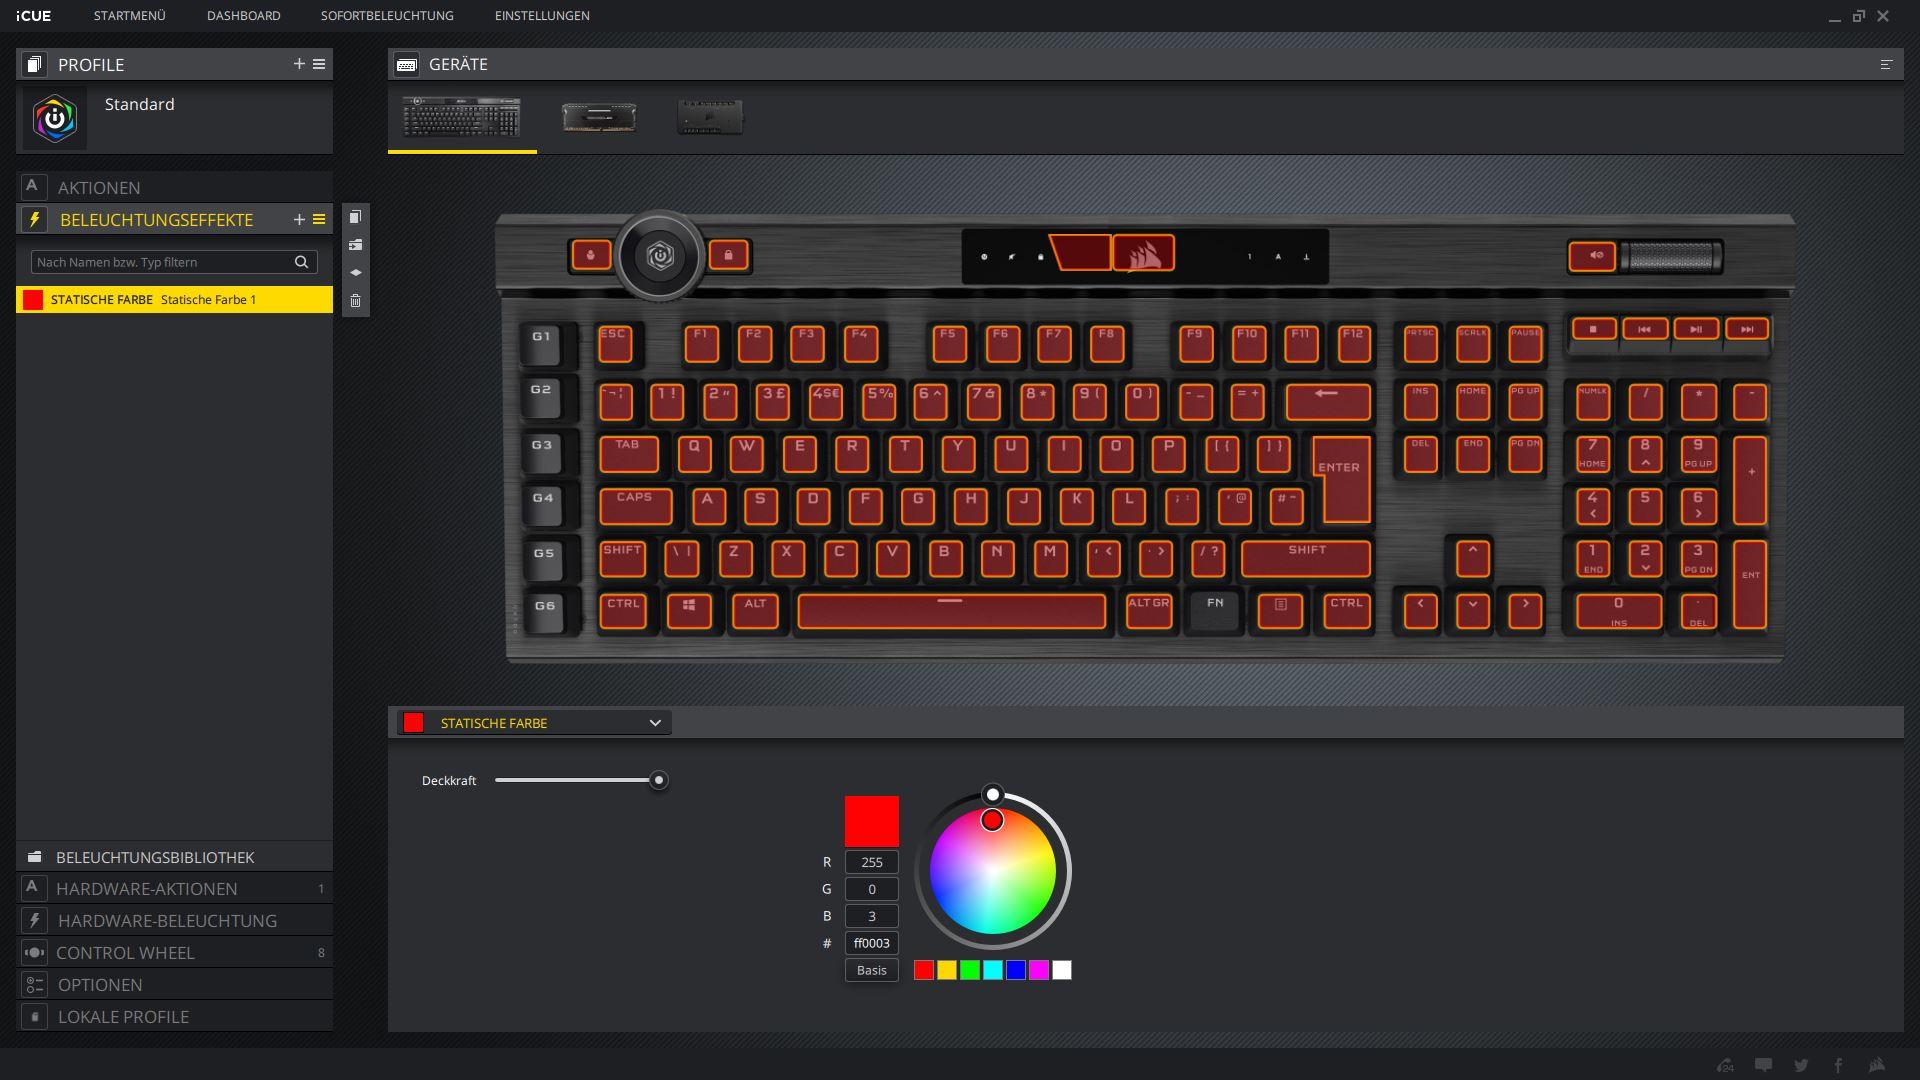 Effets d'éclairage K100 RGB Corsair iCUE